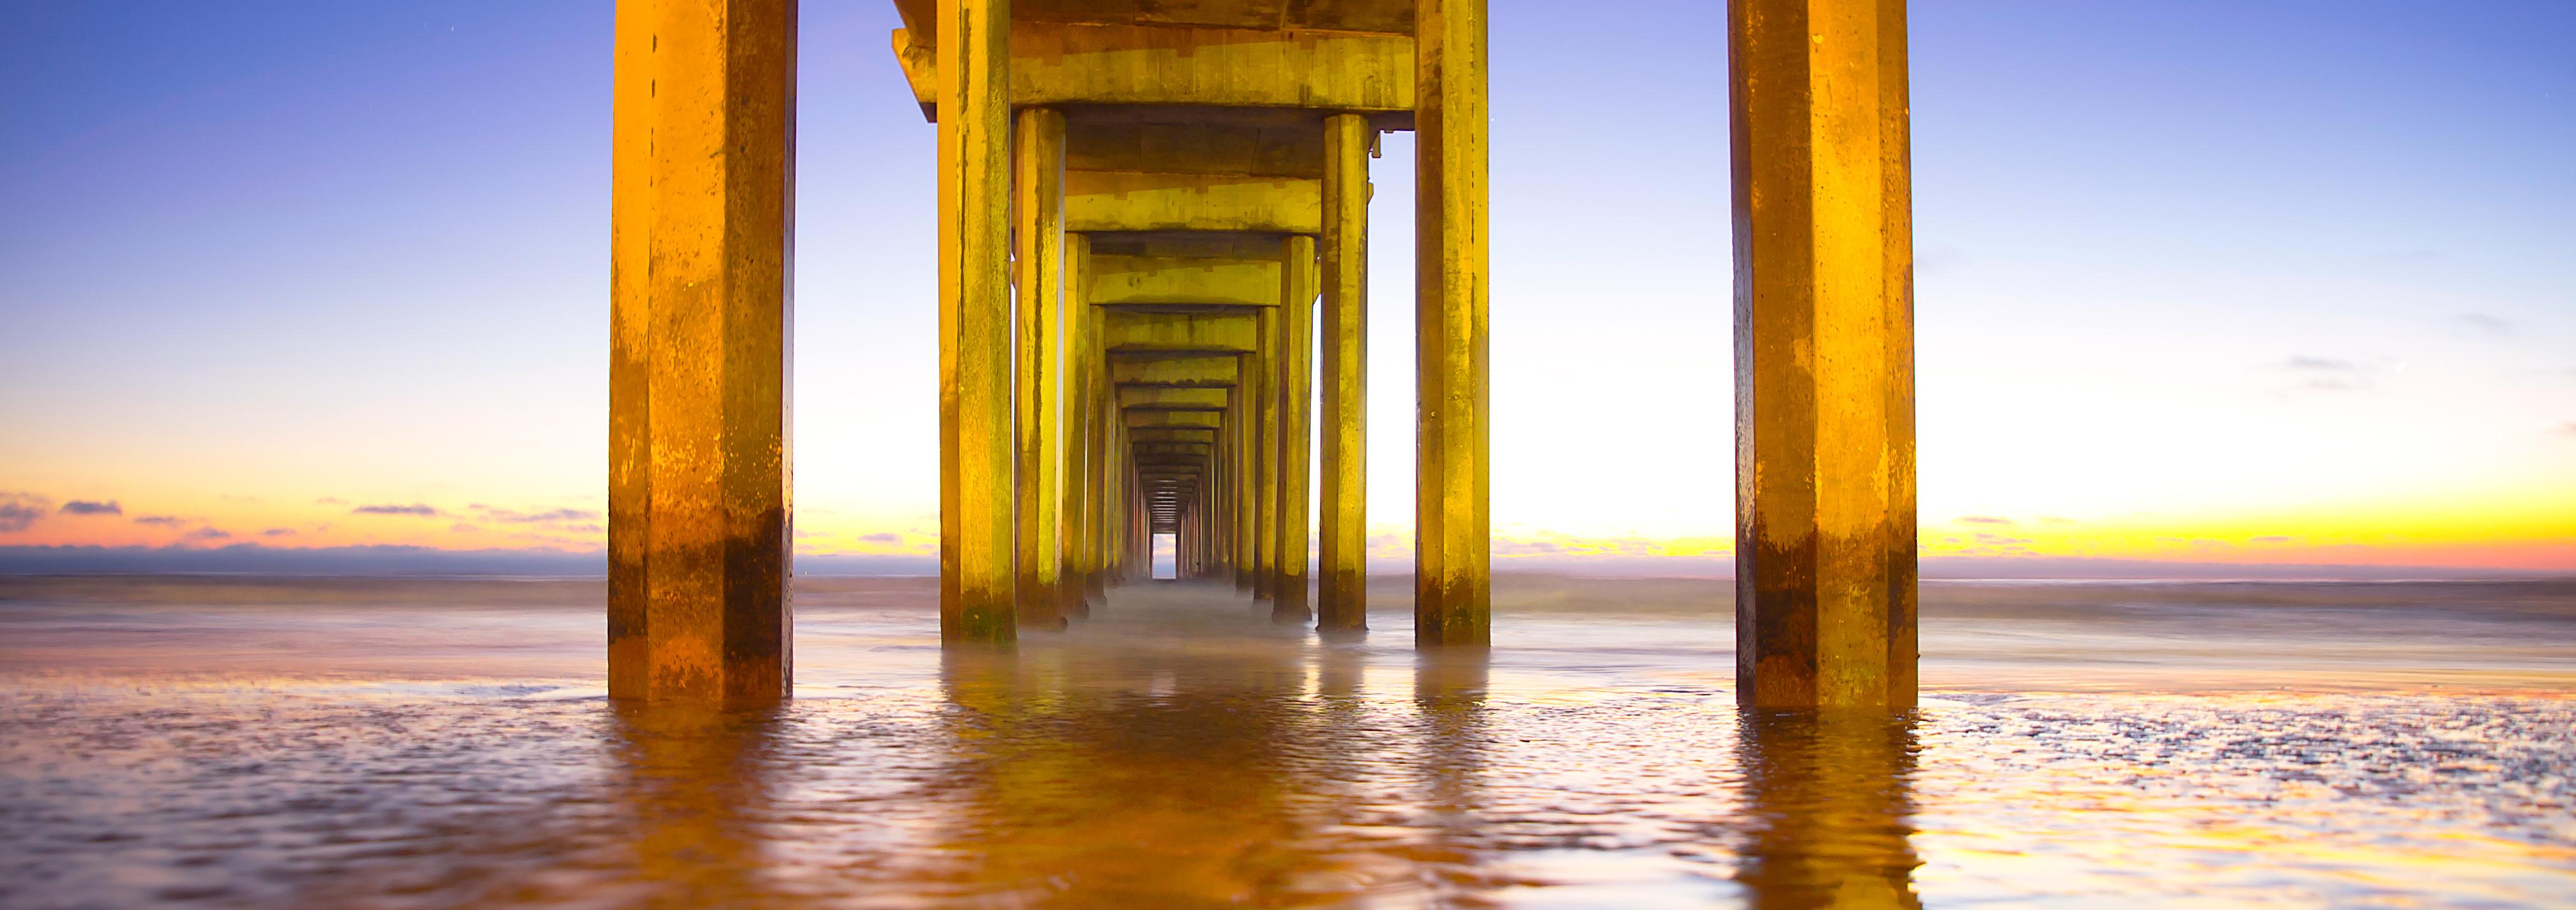 Sunset at Scripps Beach